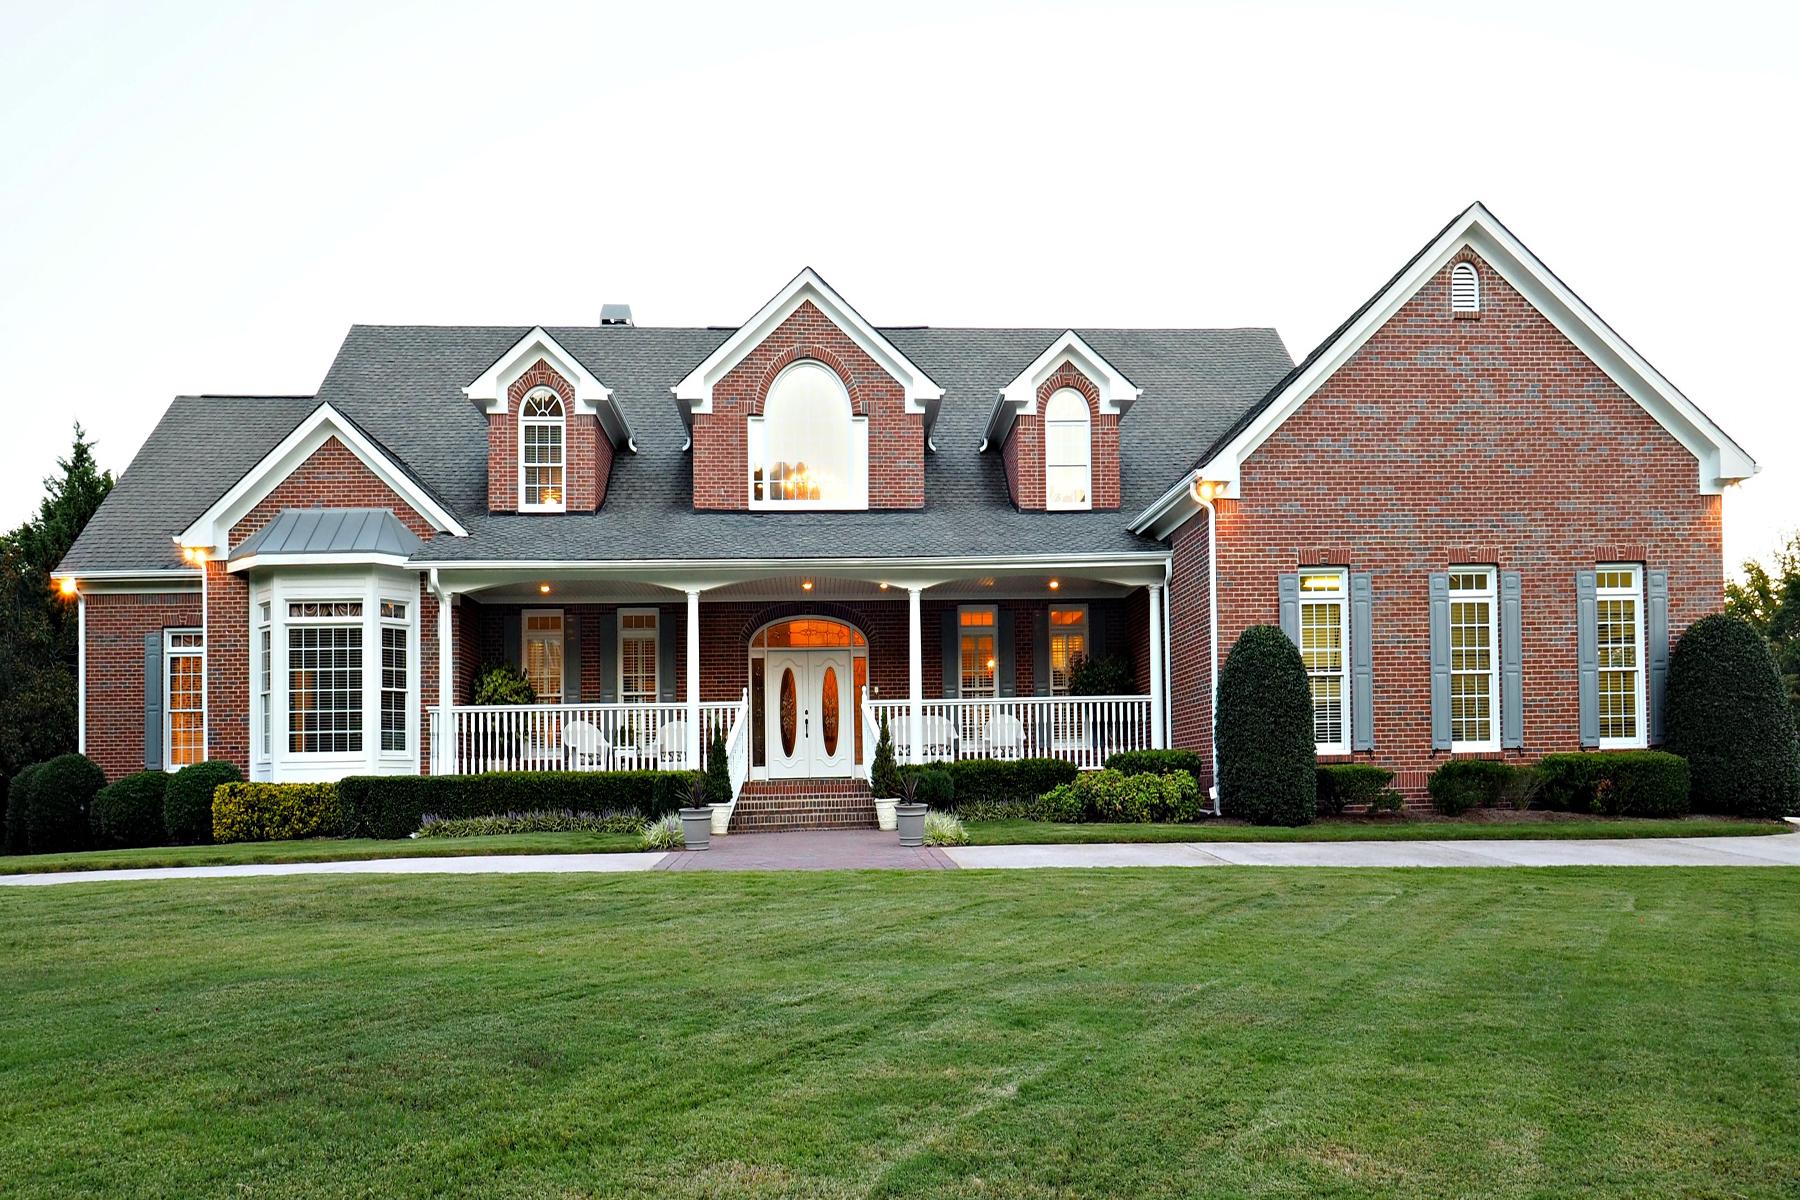 Casa Unifamiliar por un Venta en Custom Lakefront Home 252 Unity Drive NW Marietta, Georgia, 30064 Estados Unidos